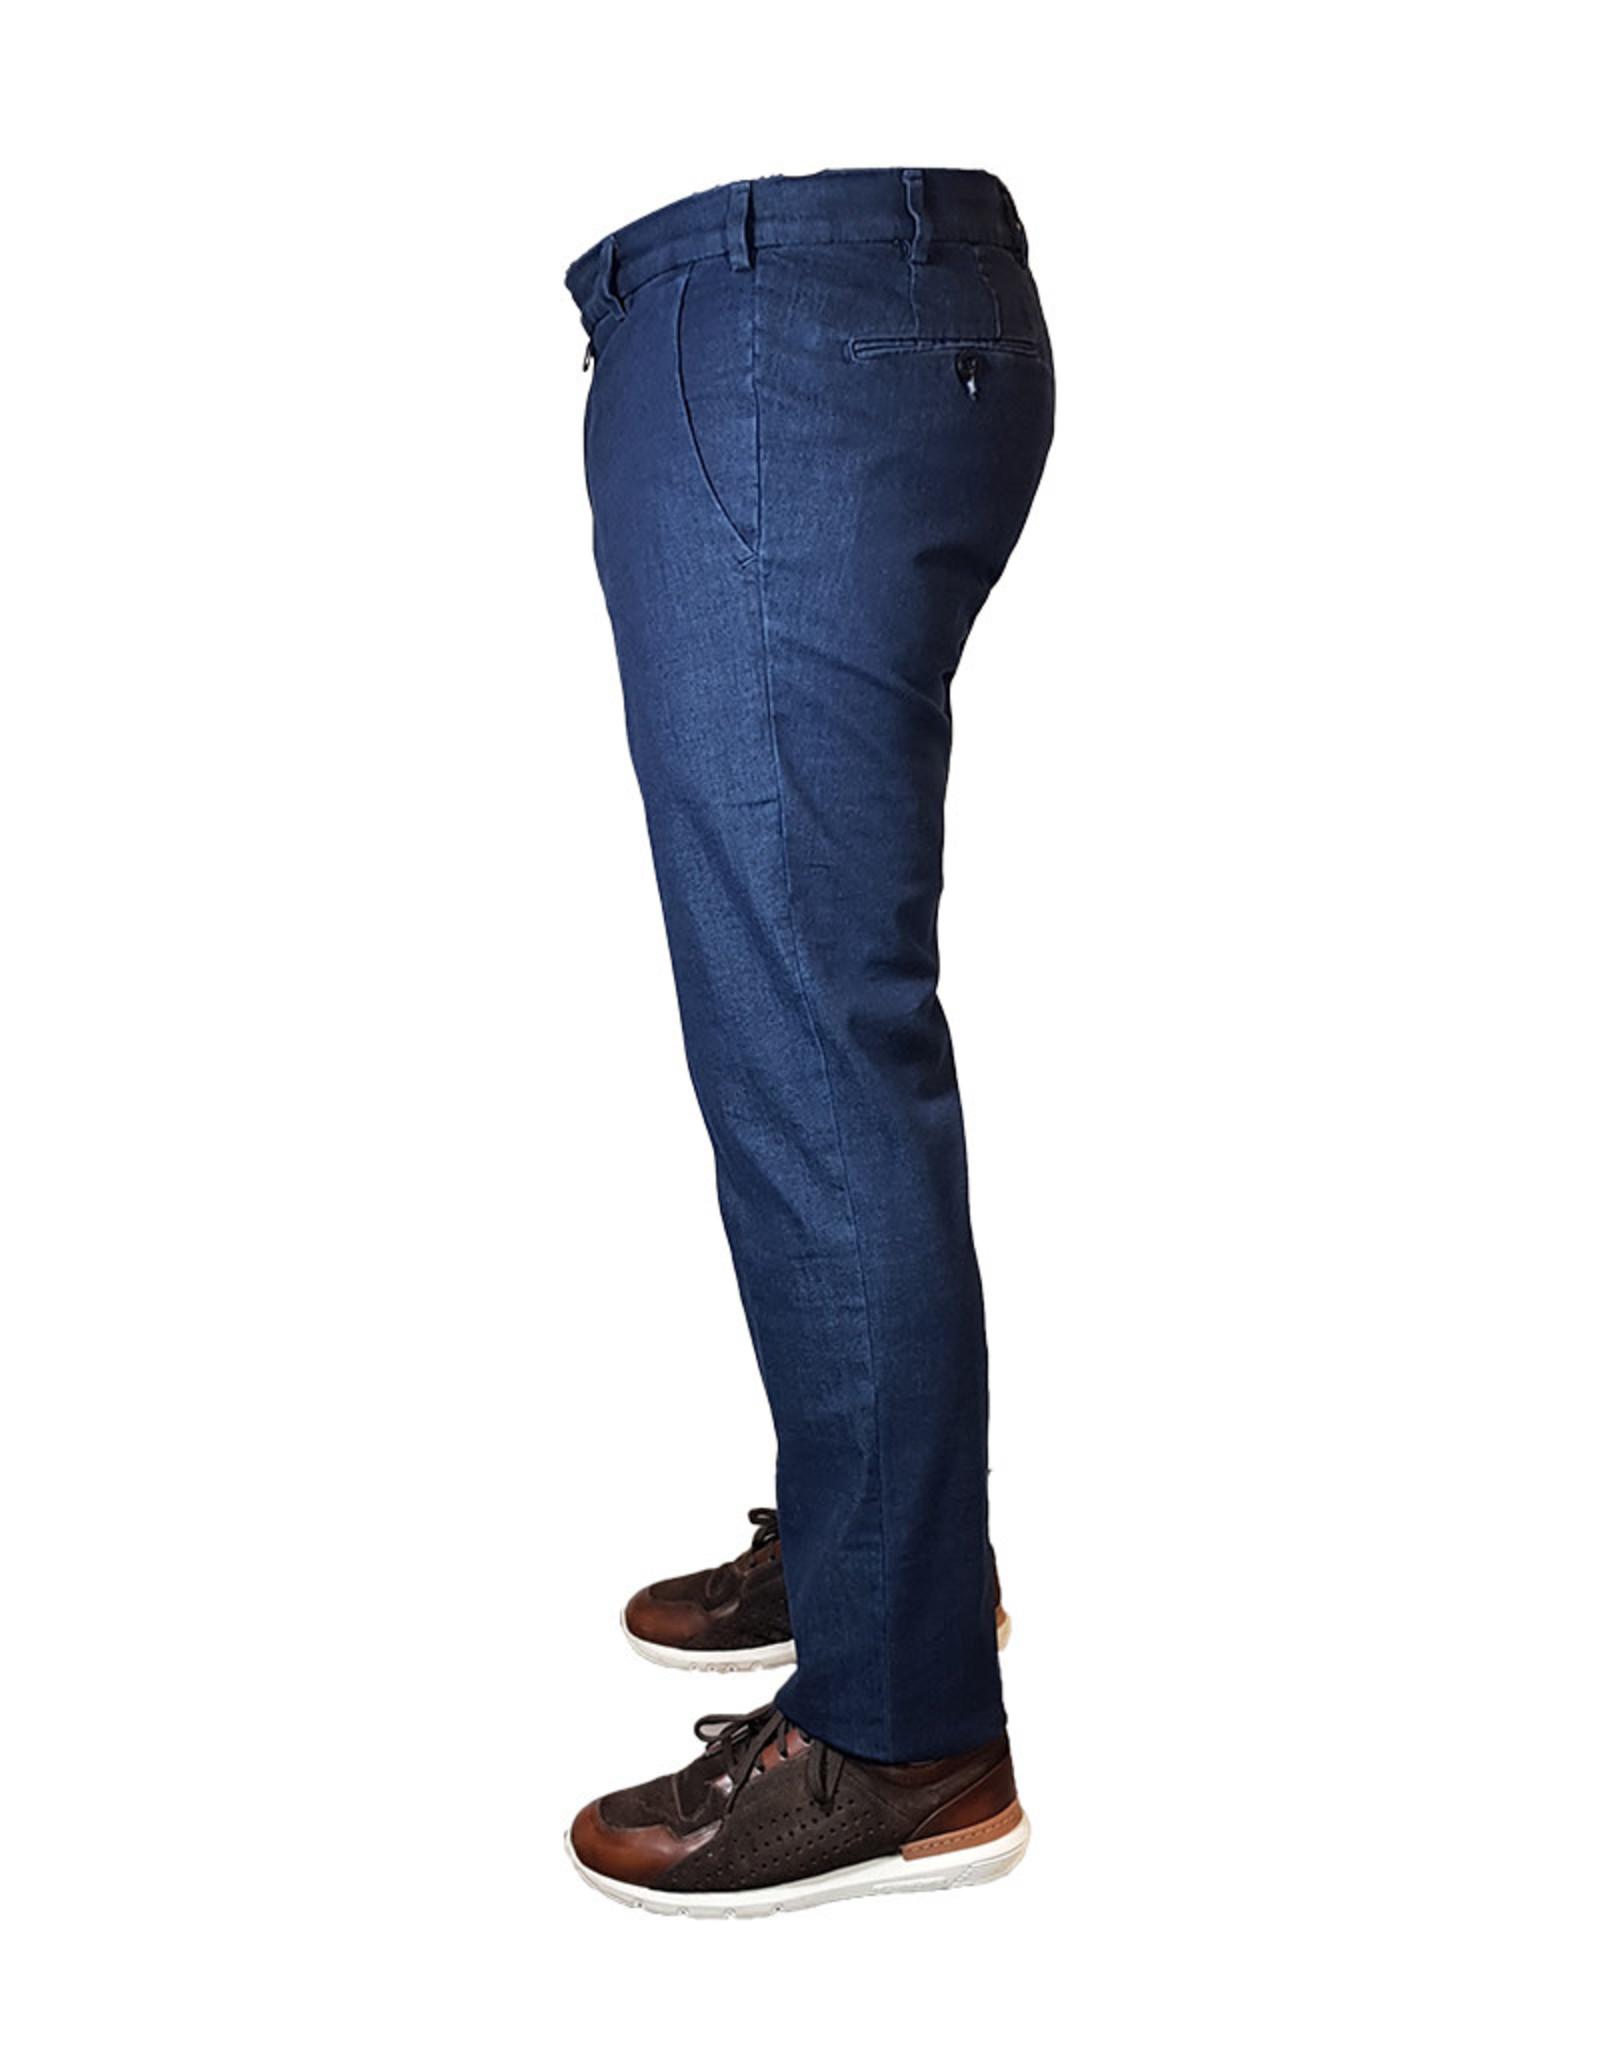 Meyer Exclusive Meyer Exclusive broek jeans blauw 8057/18